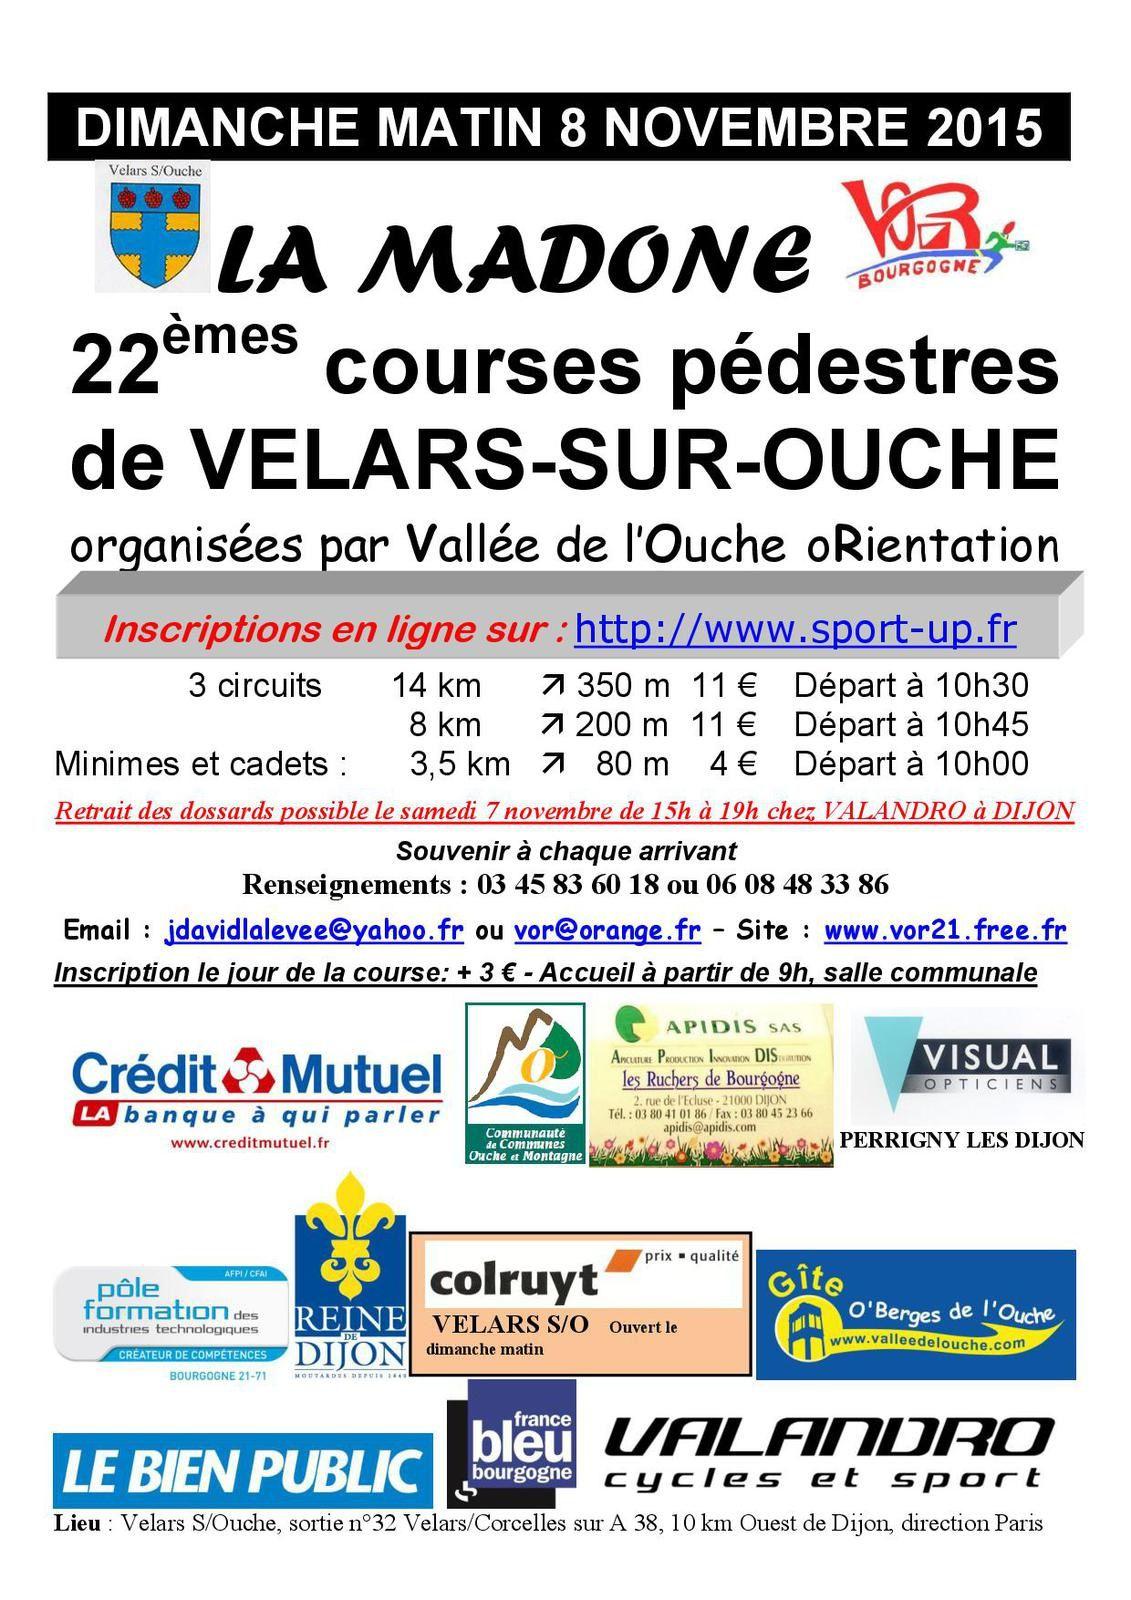 2015-11-08 - Dimanche 8 novembre - Trail de la Madone - Velars sur Ouche